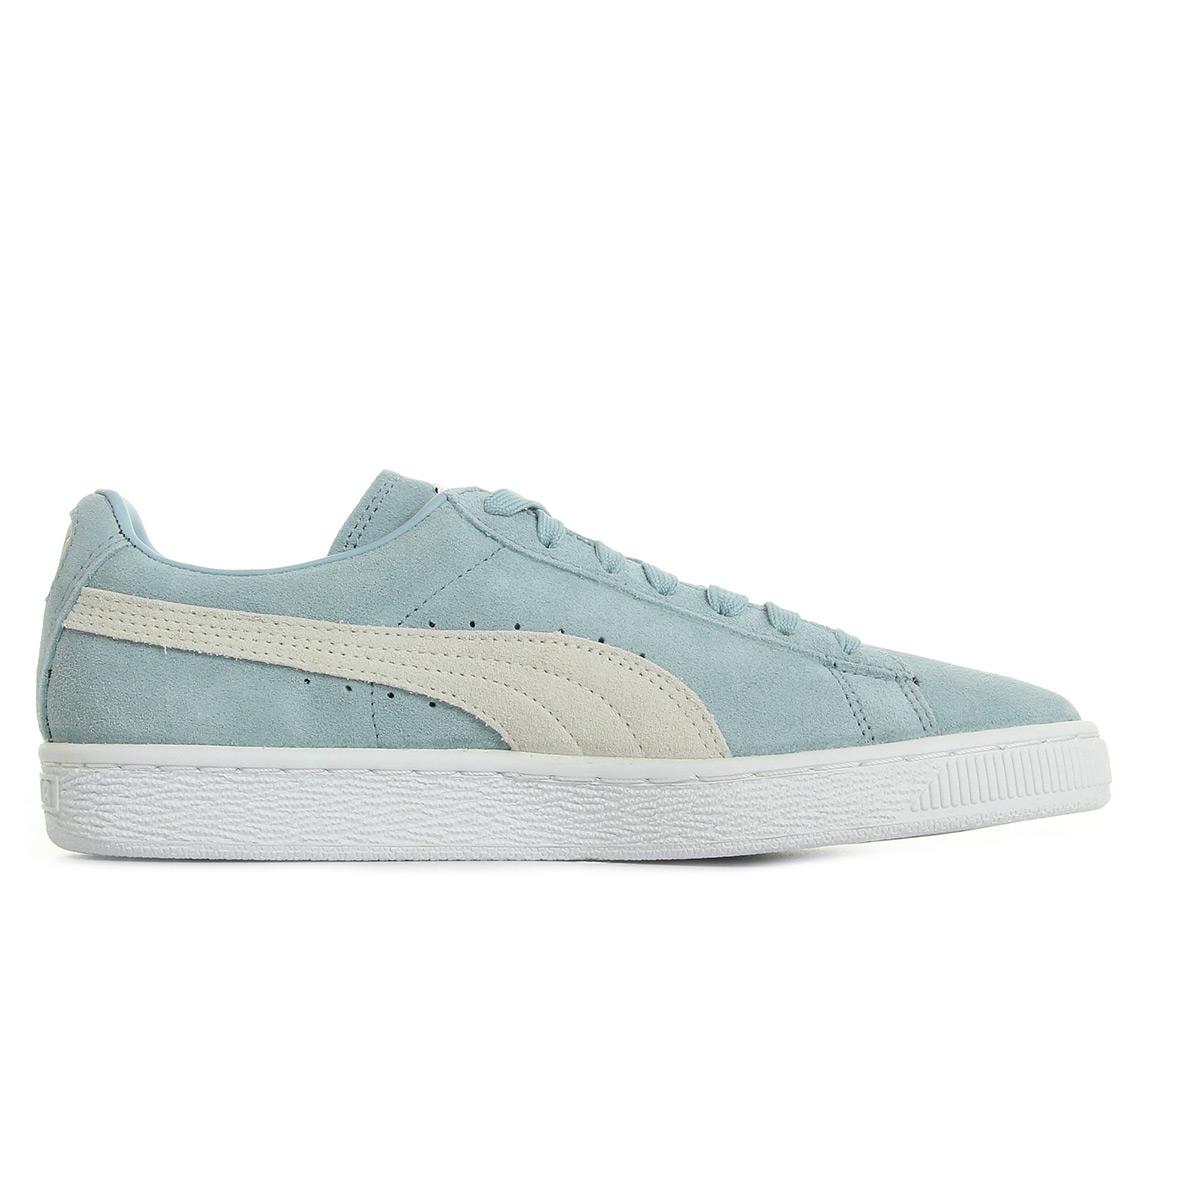 Puma Suede Classic + Blue Fog White 36324206, Baskets mode femme